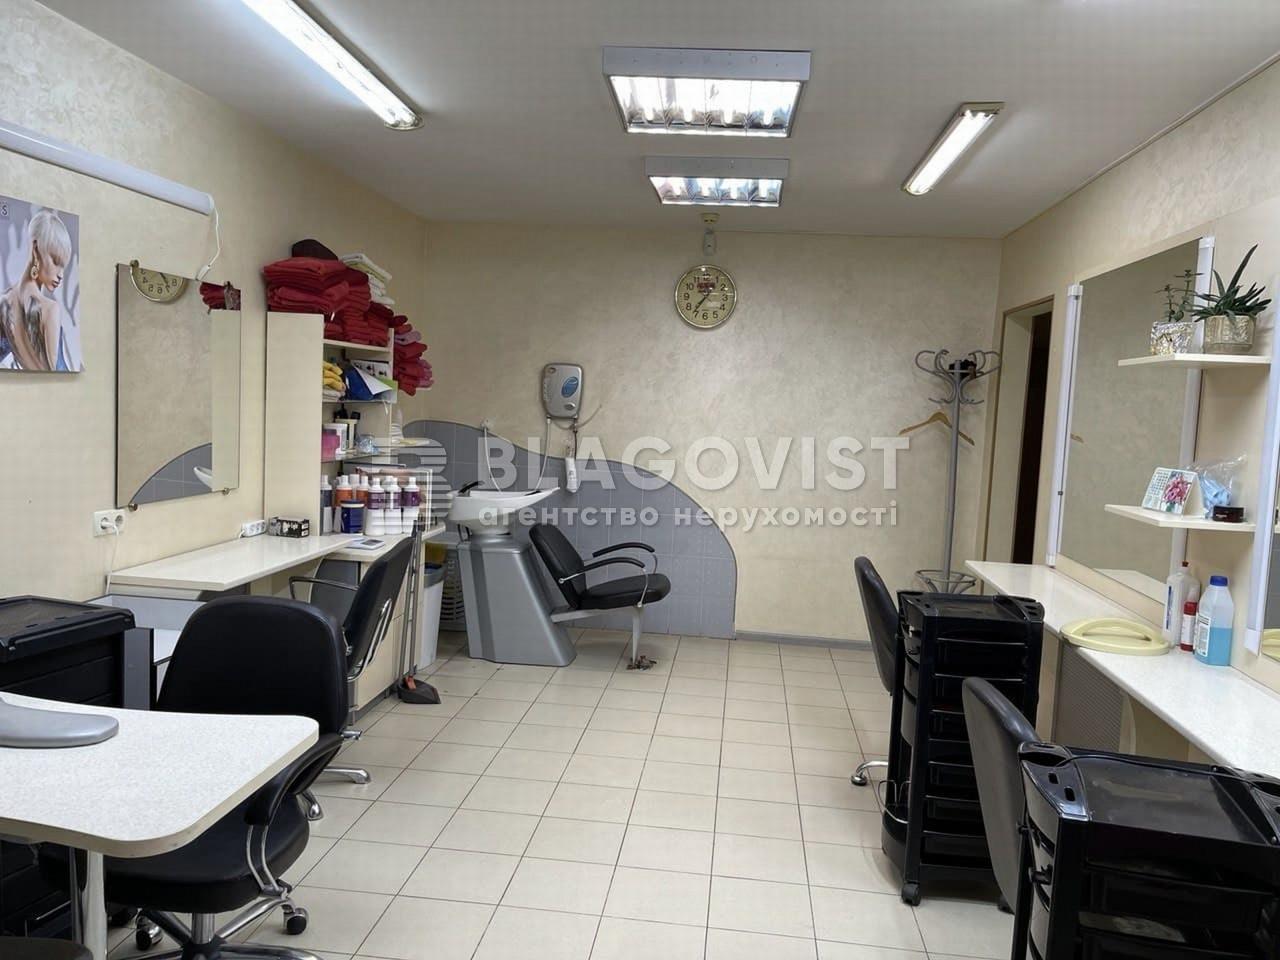 Нежилое помещение, Оболонский просп., Киев, H-49944 - Фото 4